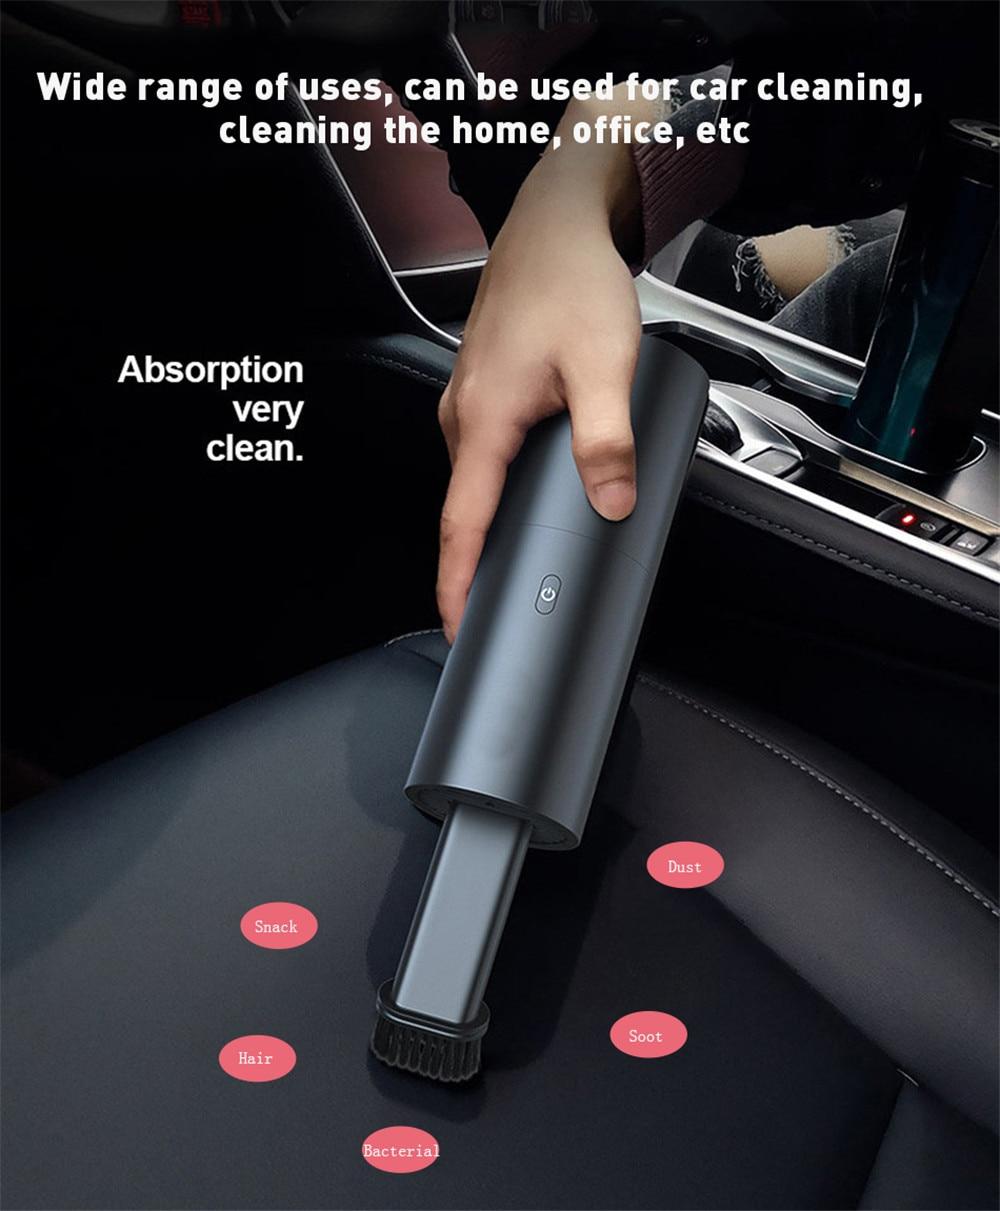 Портативный беспроводной автомобильный пылесос ручной пылесос Авто влажный сухой двойной аспиратор пылесос для офиса автомобиля